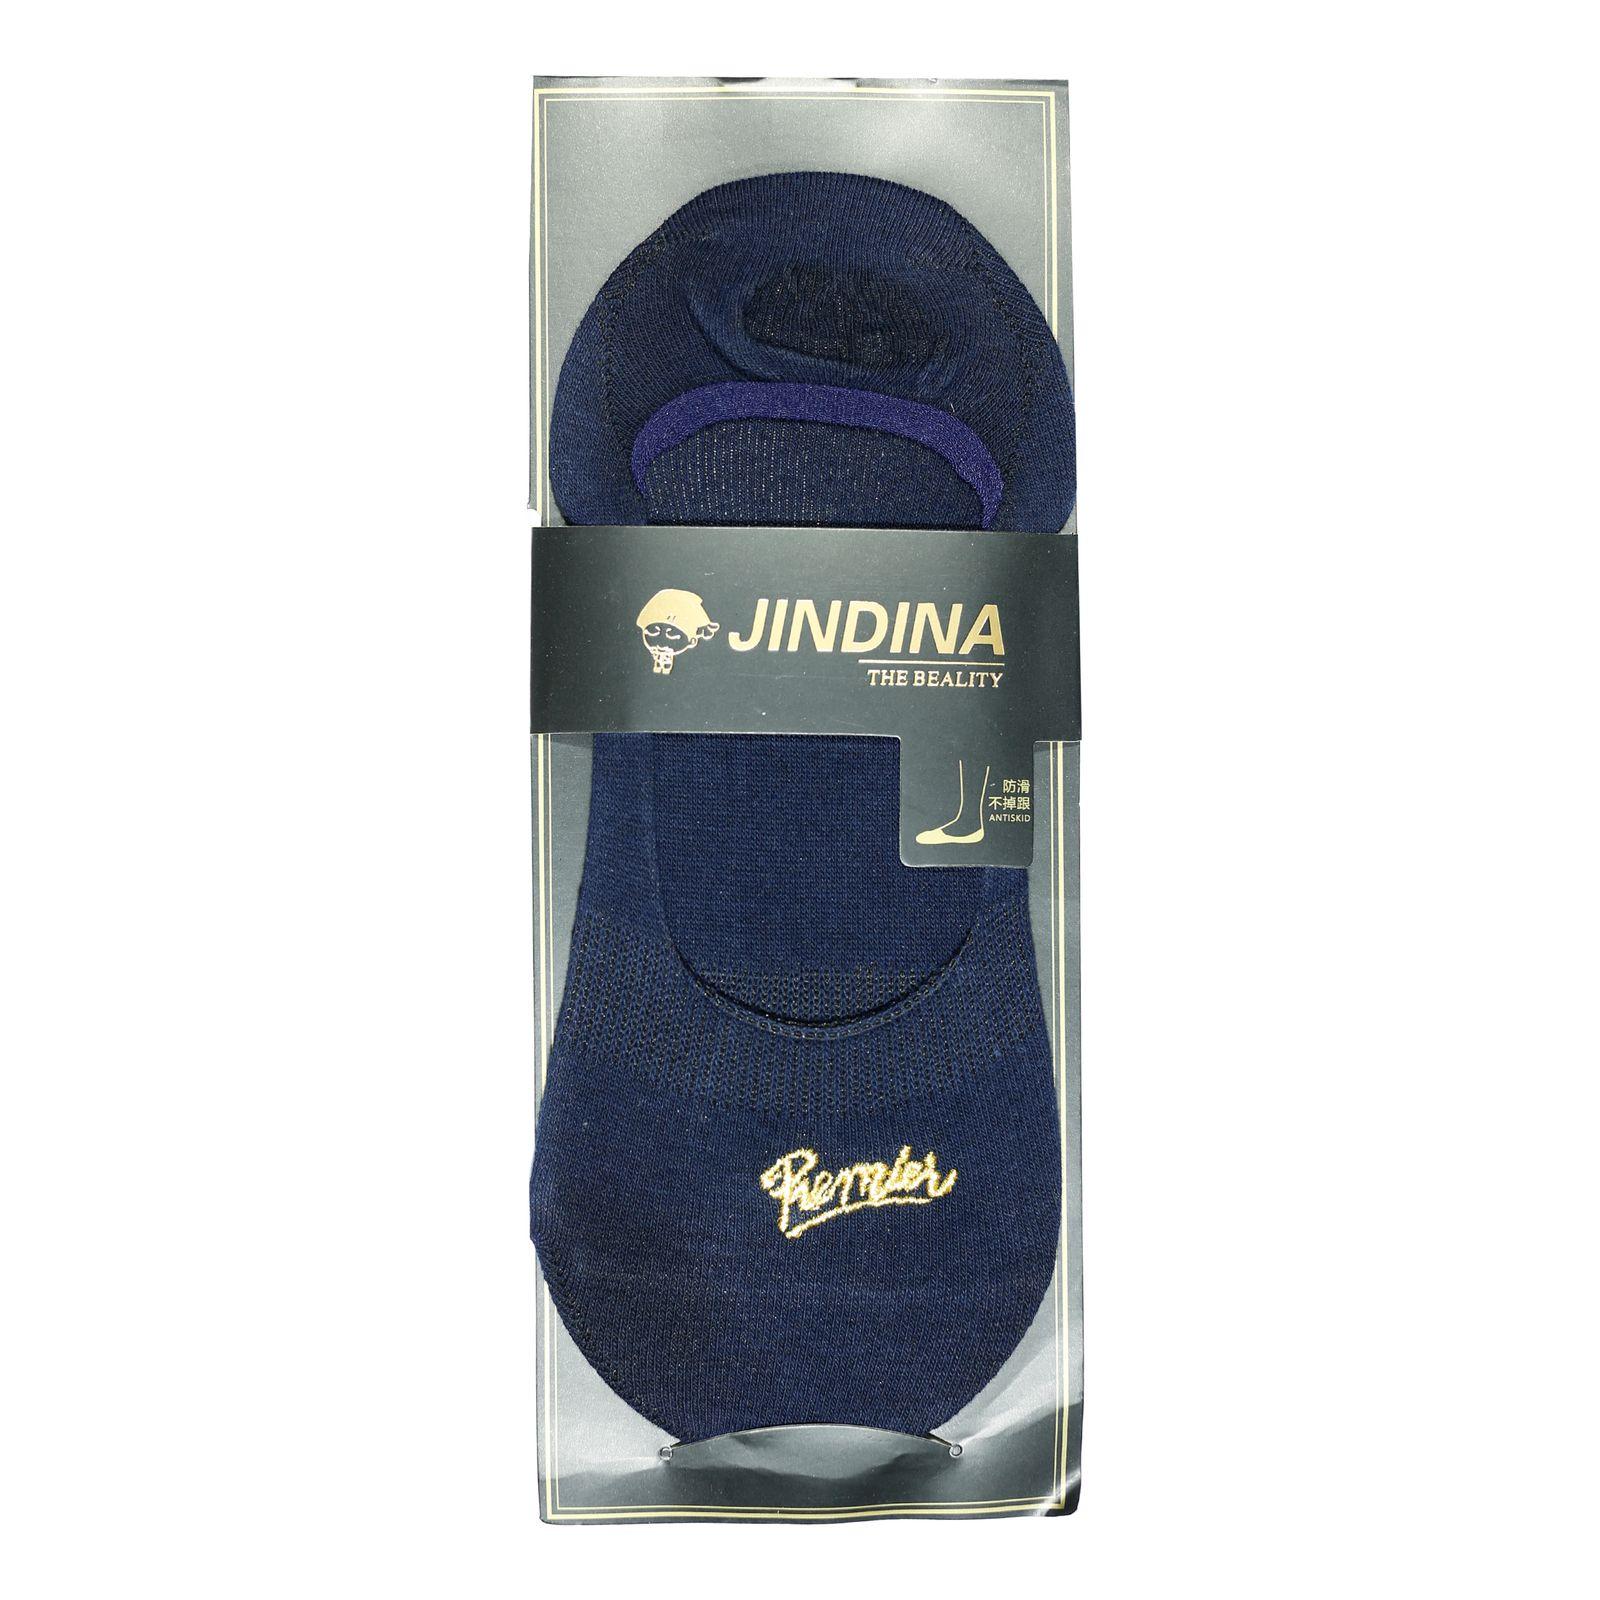 جوراب مردانه جین دینا کد RG-CK 105 -  - 3